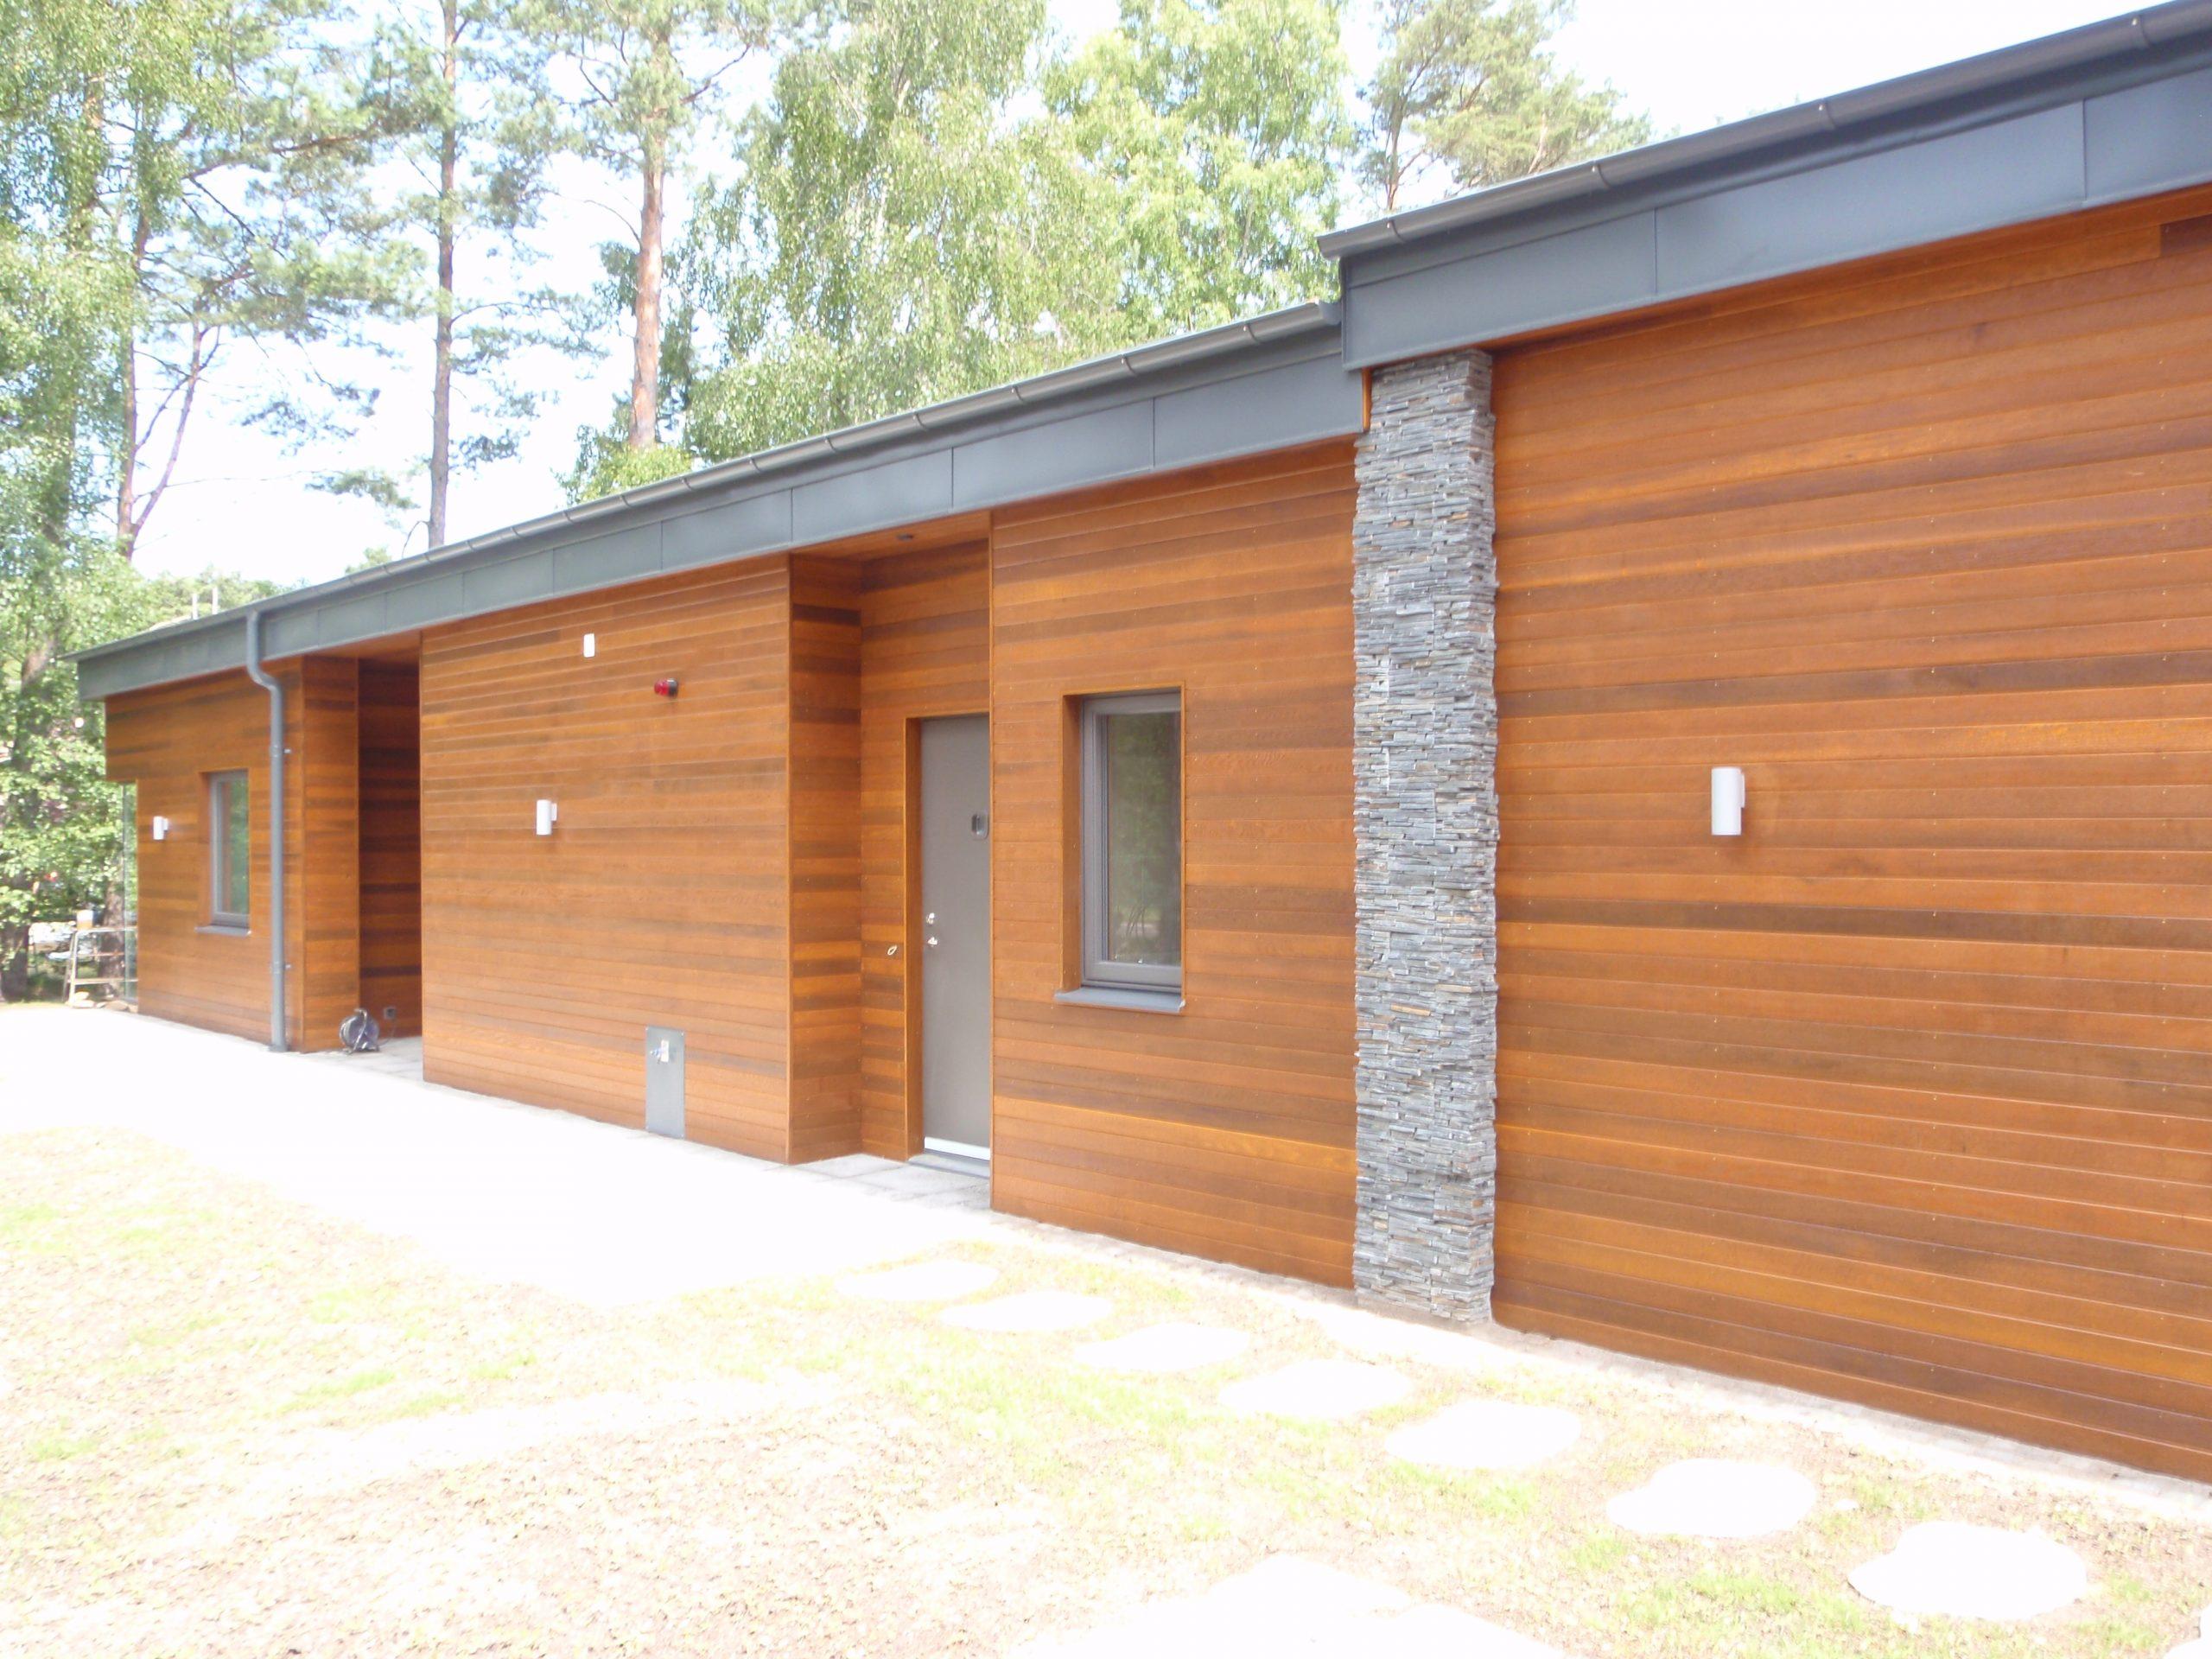 Cederträ lång fasad